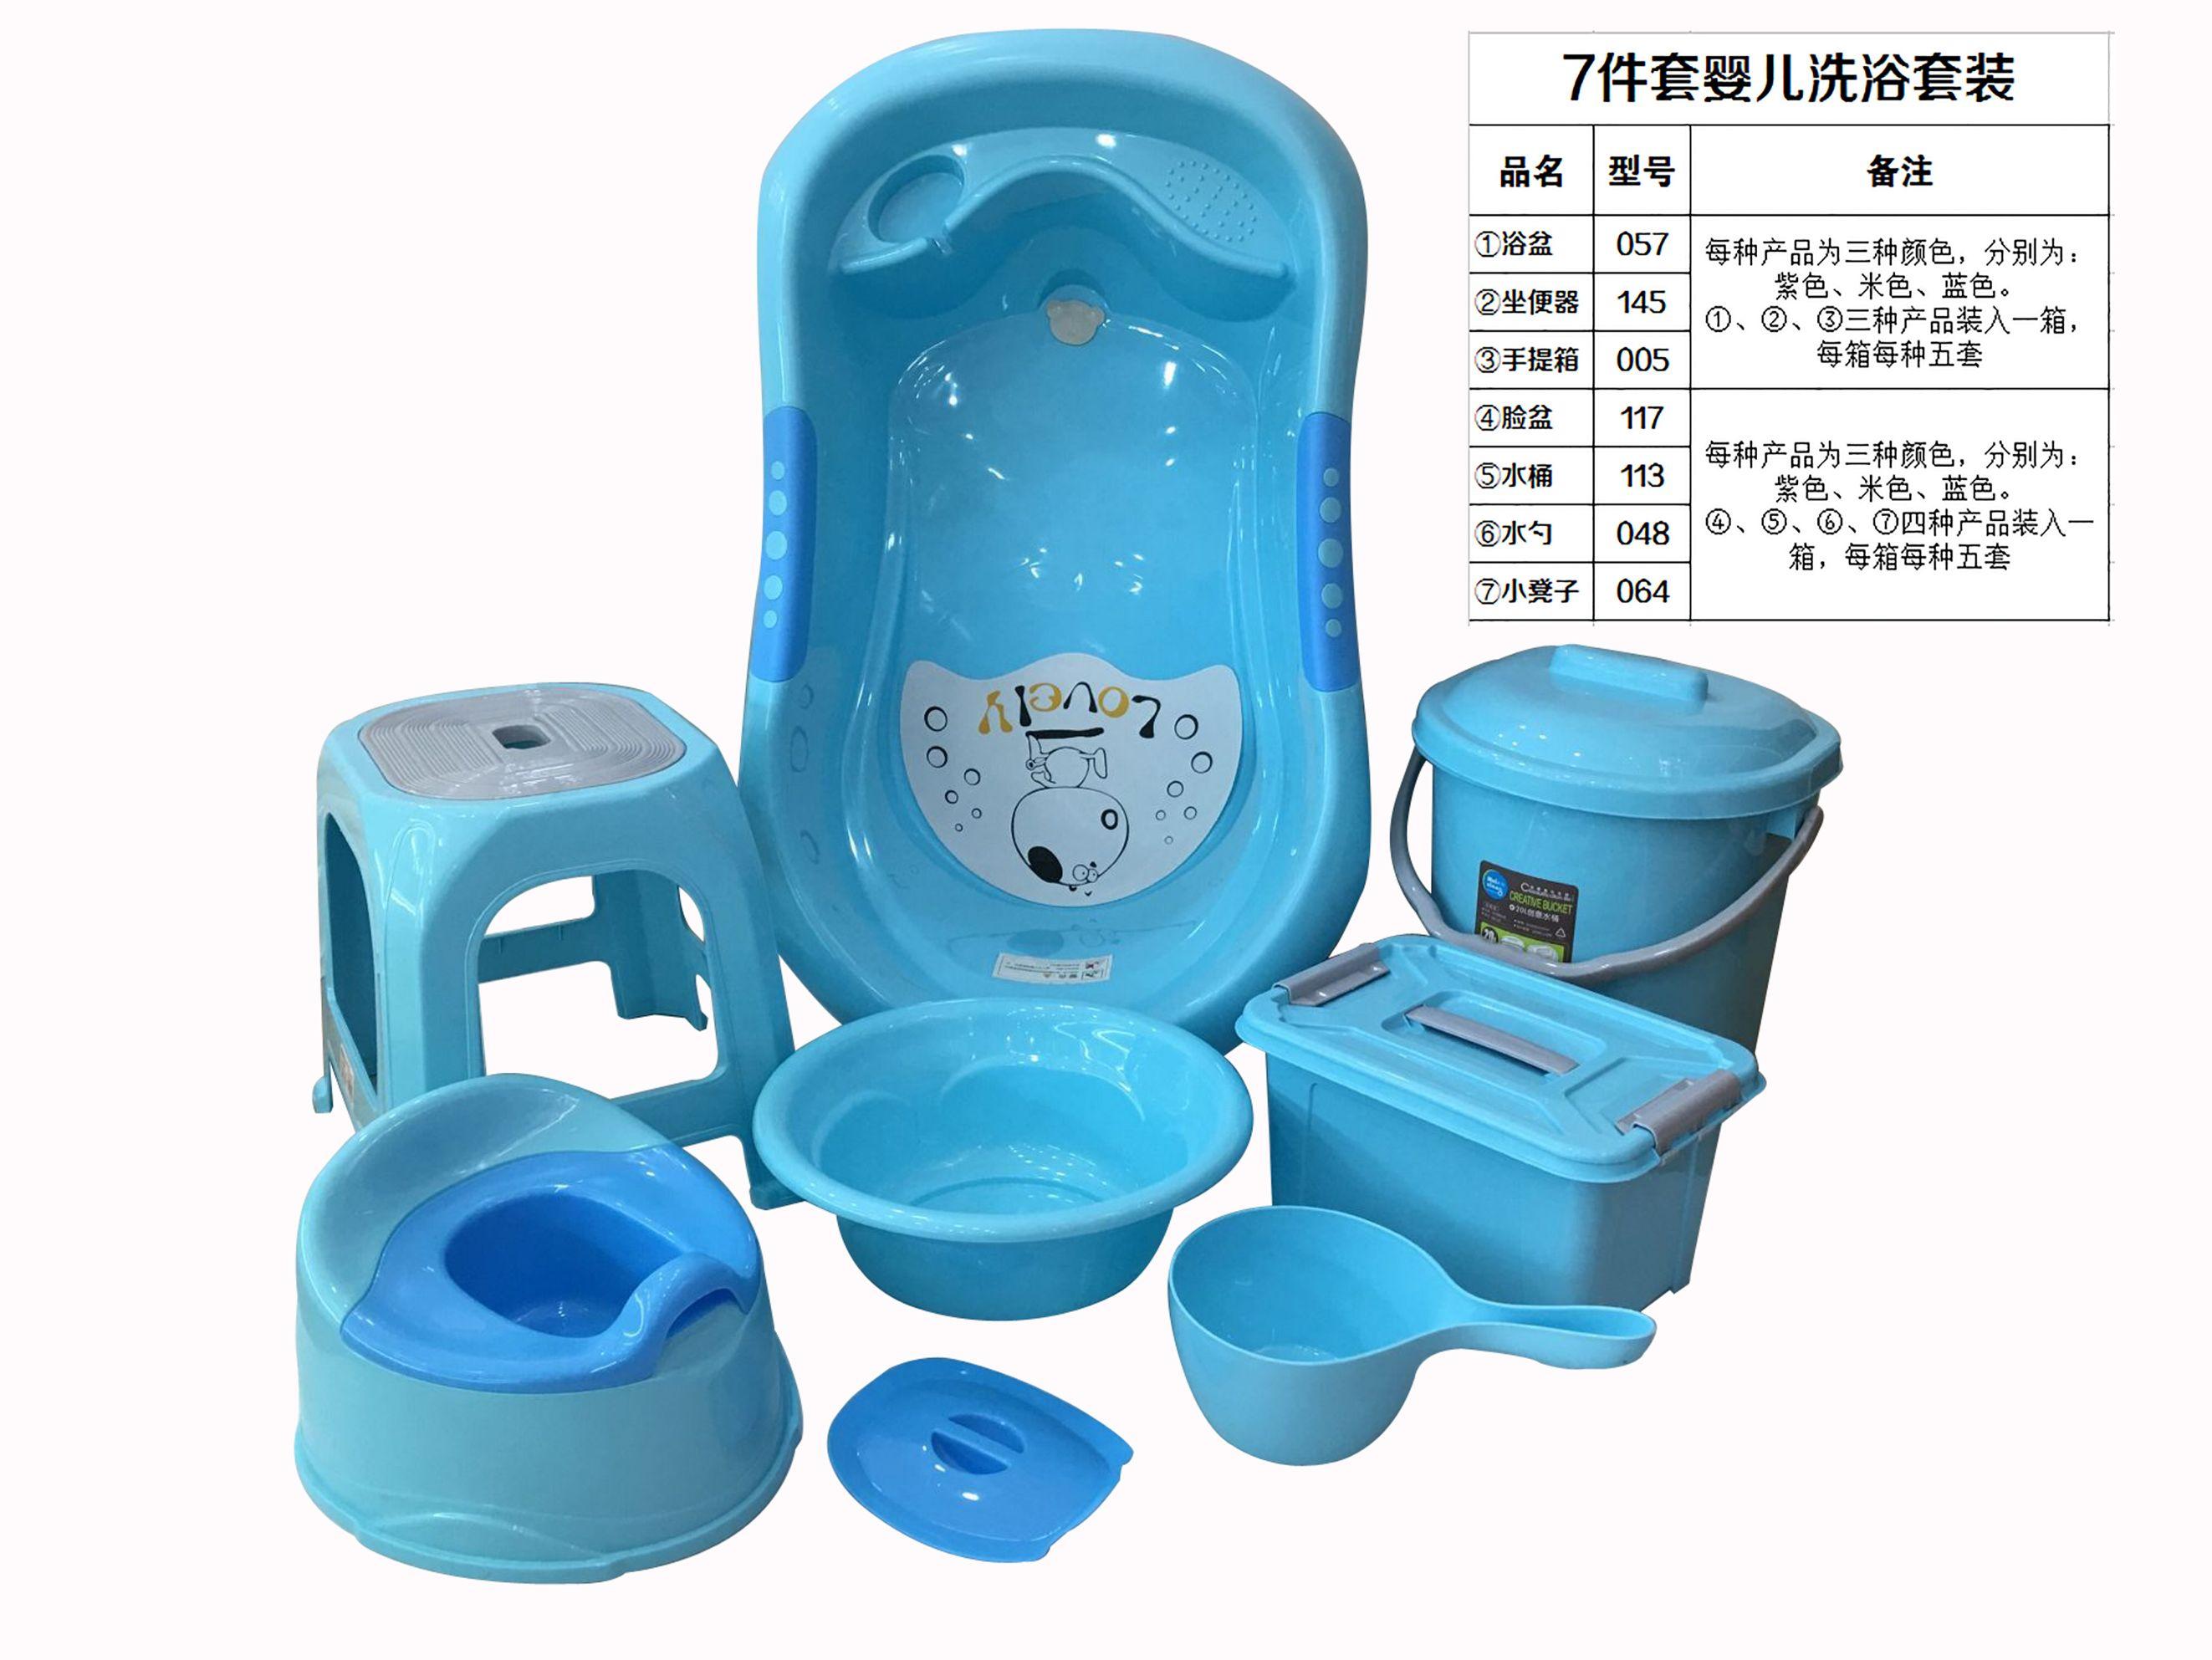 婴幼儿洗澡盆母婴礼品加厚新生儿浴盆厂家直销宝宝塑料浴盆套装